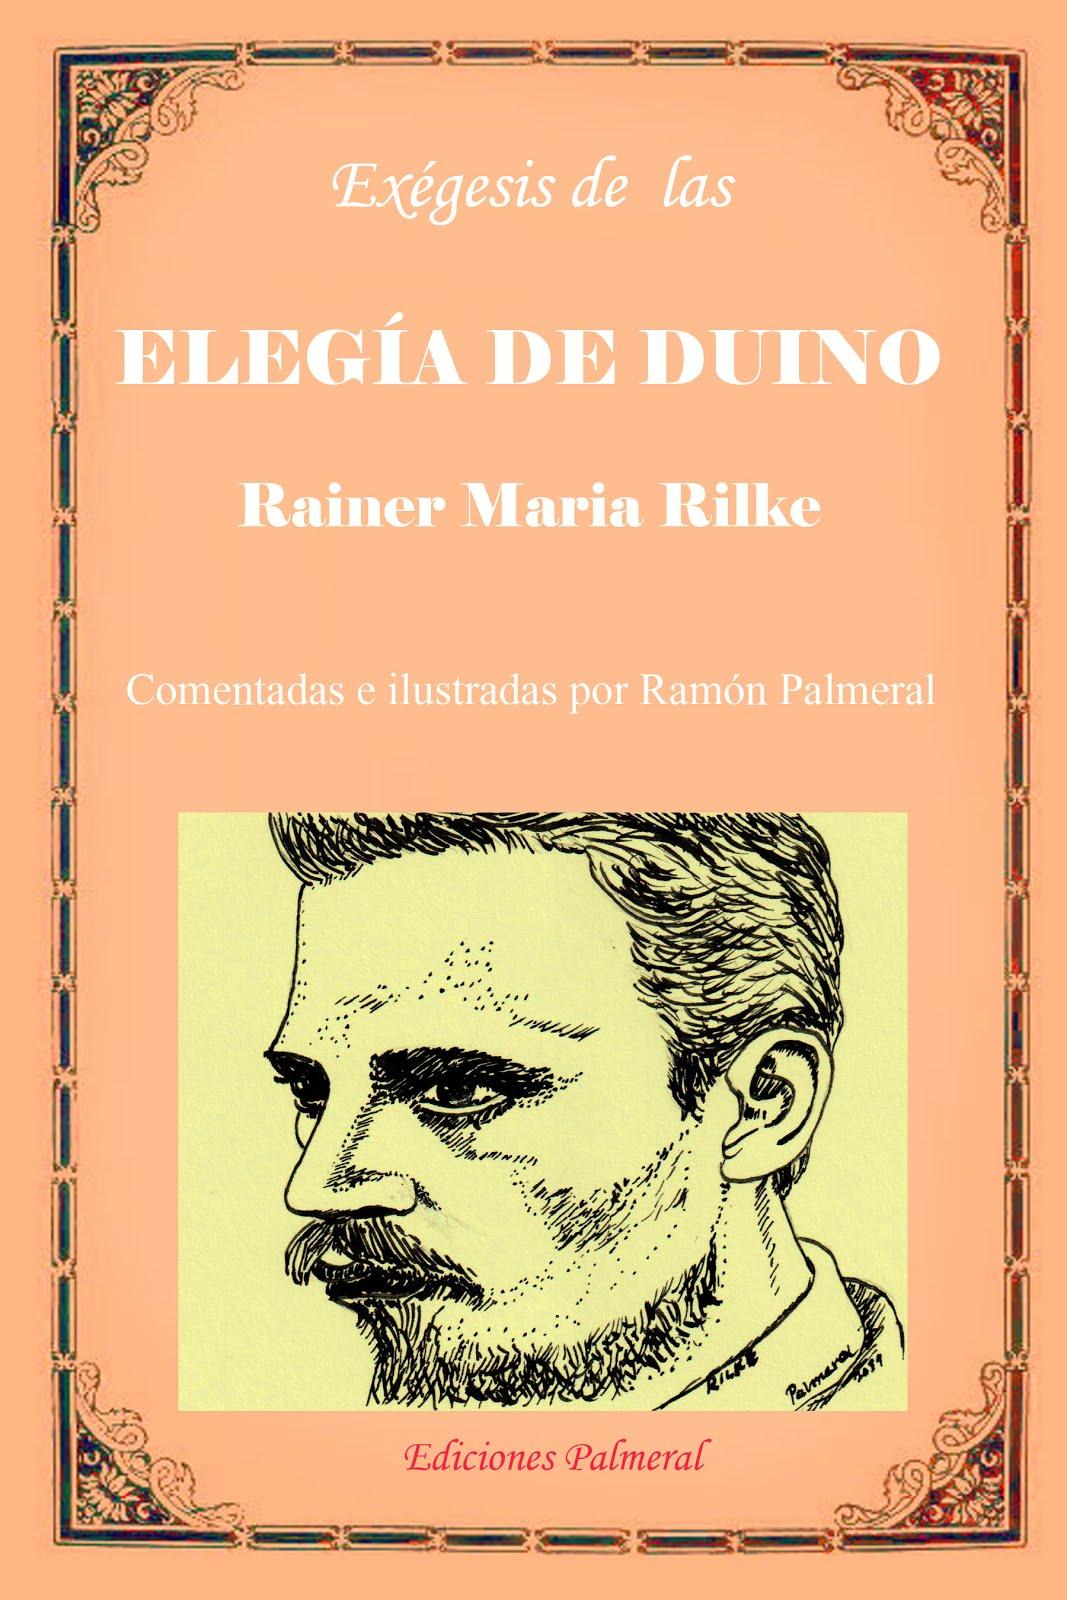 Elegías de Duino de Rilke